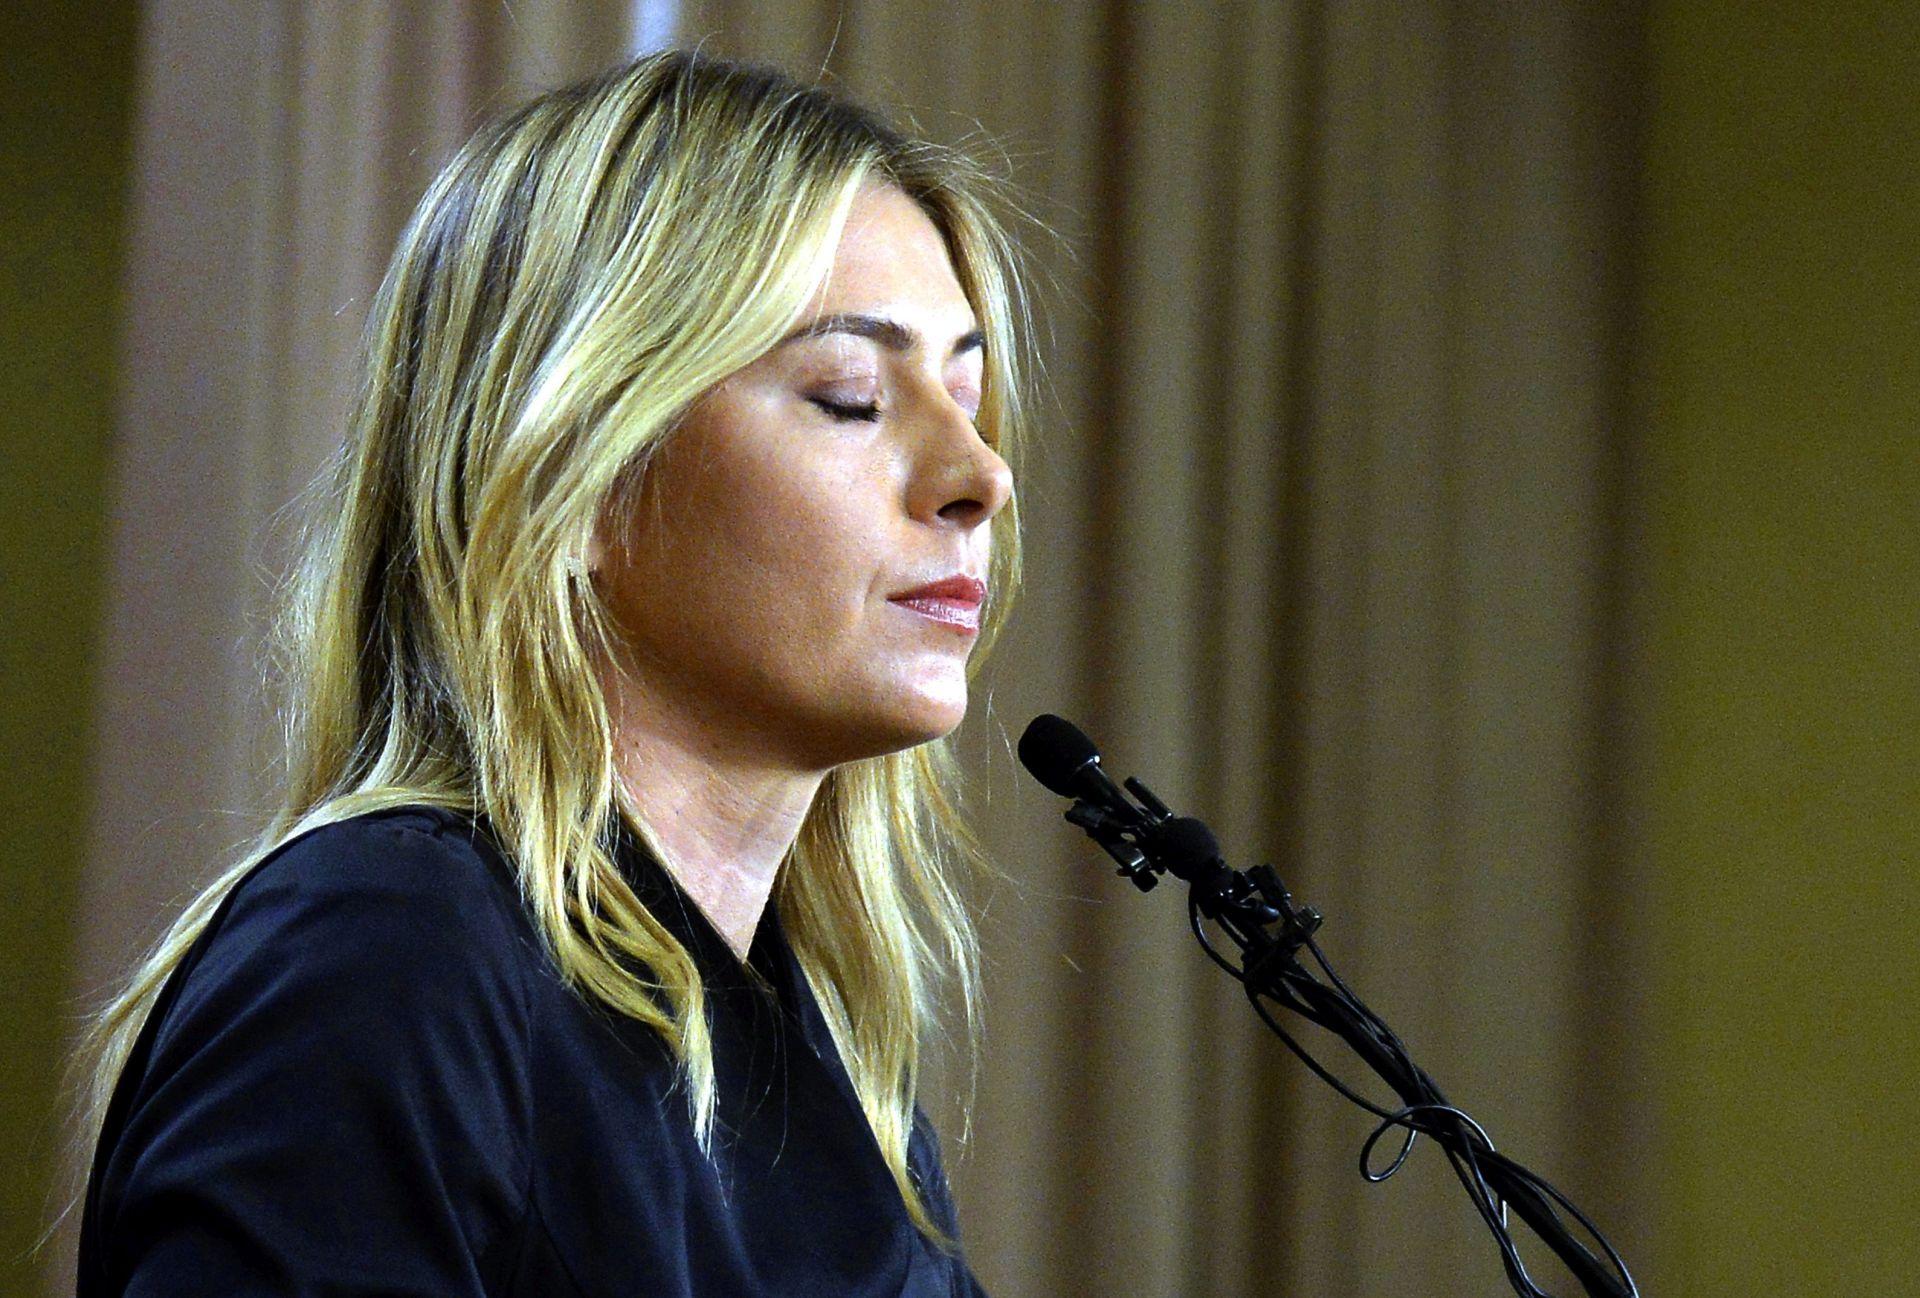 SPORTSKI ARBITRAŽNI SUD Odluka o žalbi Šarapove u listopadu